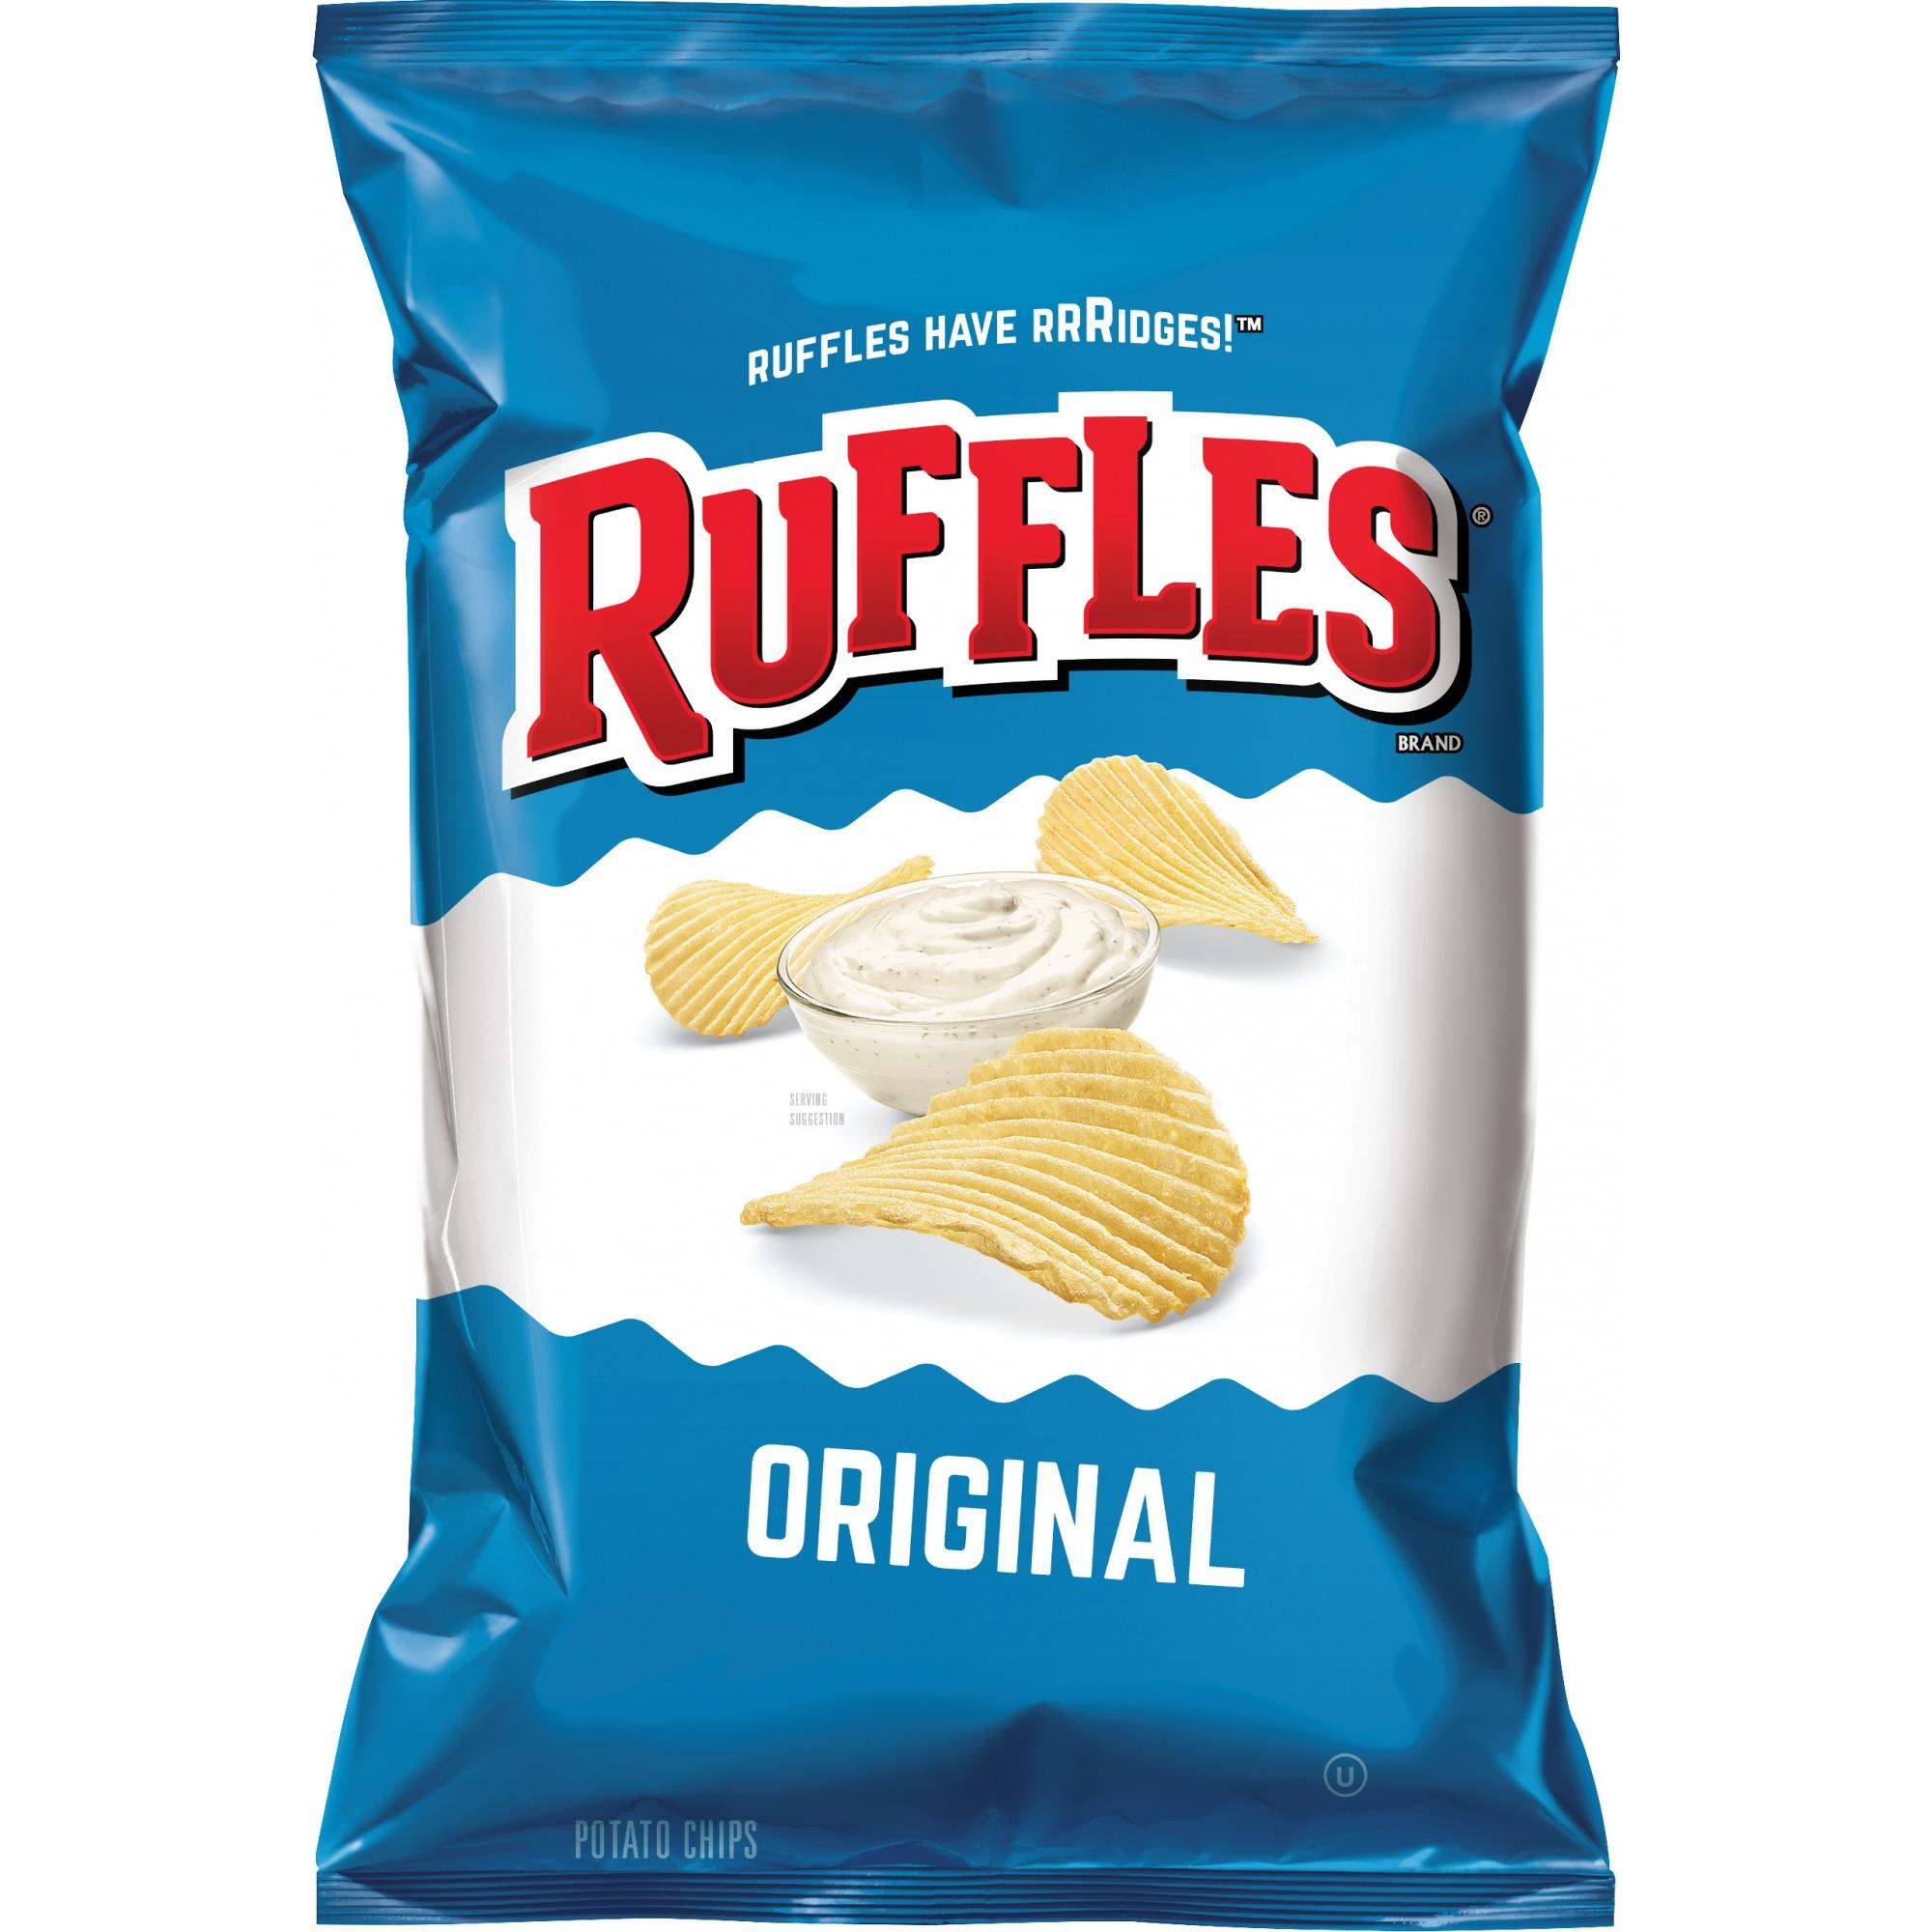 (3 Pack) Ruffles Potato Chips, Original, 9 oz Bag